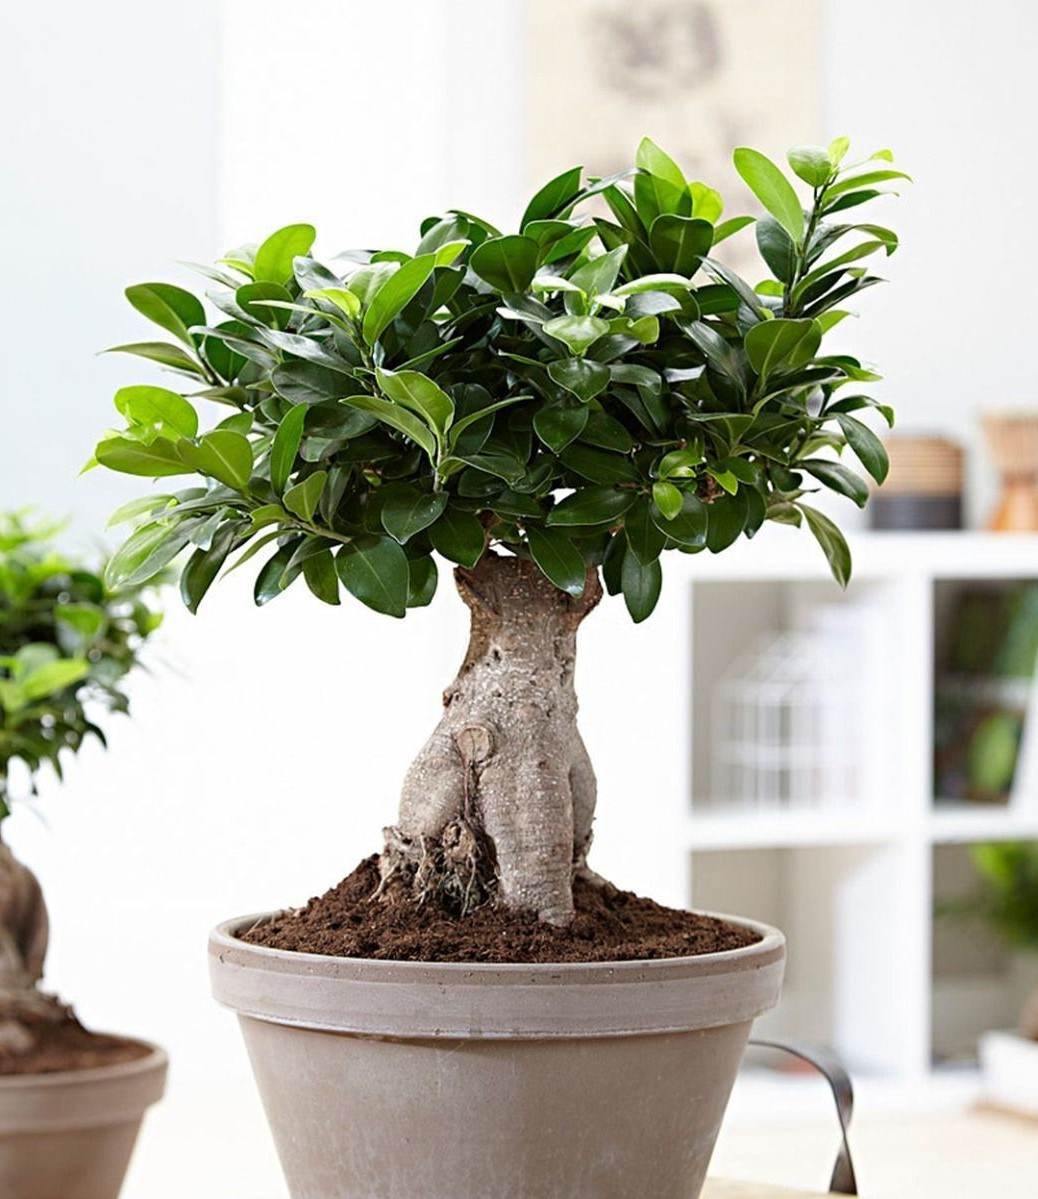 En fait, vous pouvez trouver des bonsaï à bas prix.